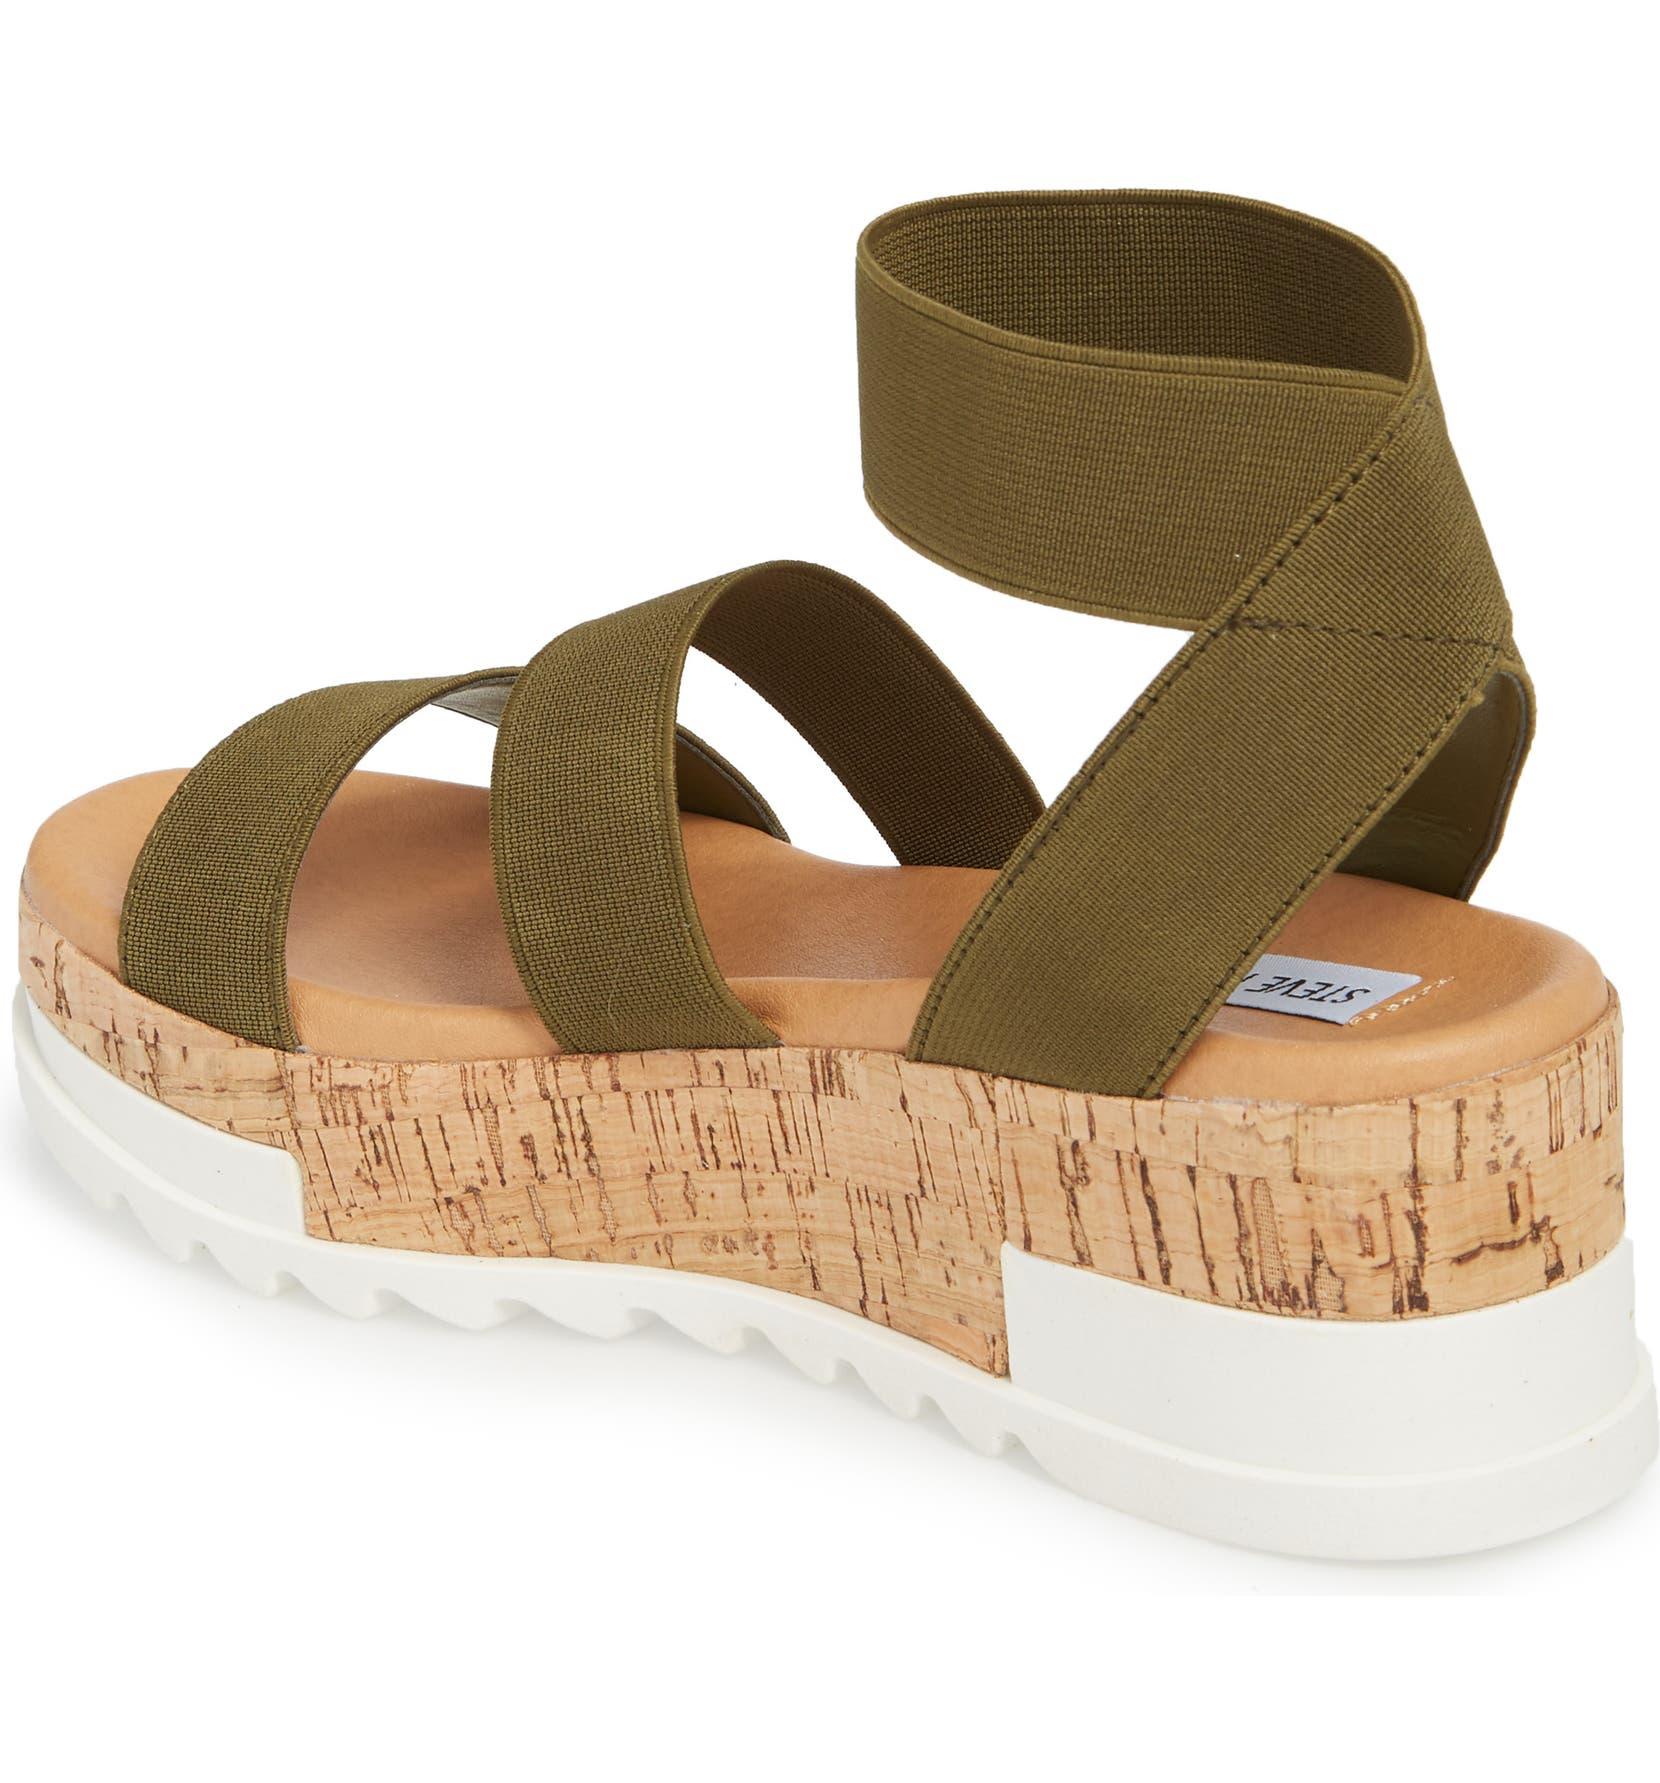 260edc43d352 Steve Madden Bandi Platform Wedge Sandal (Women)